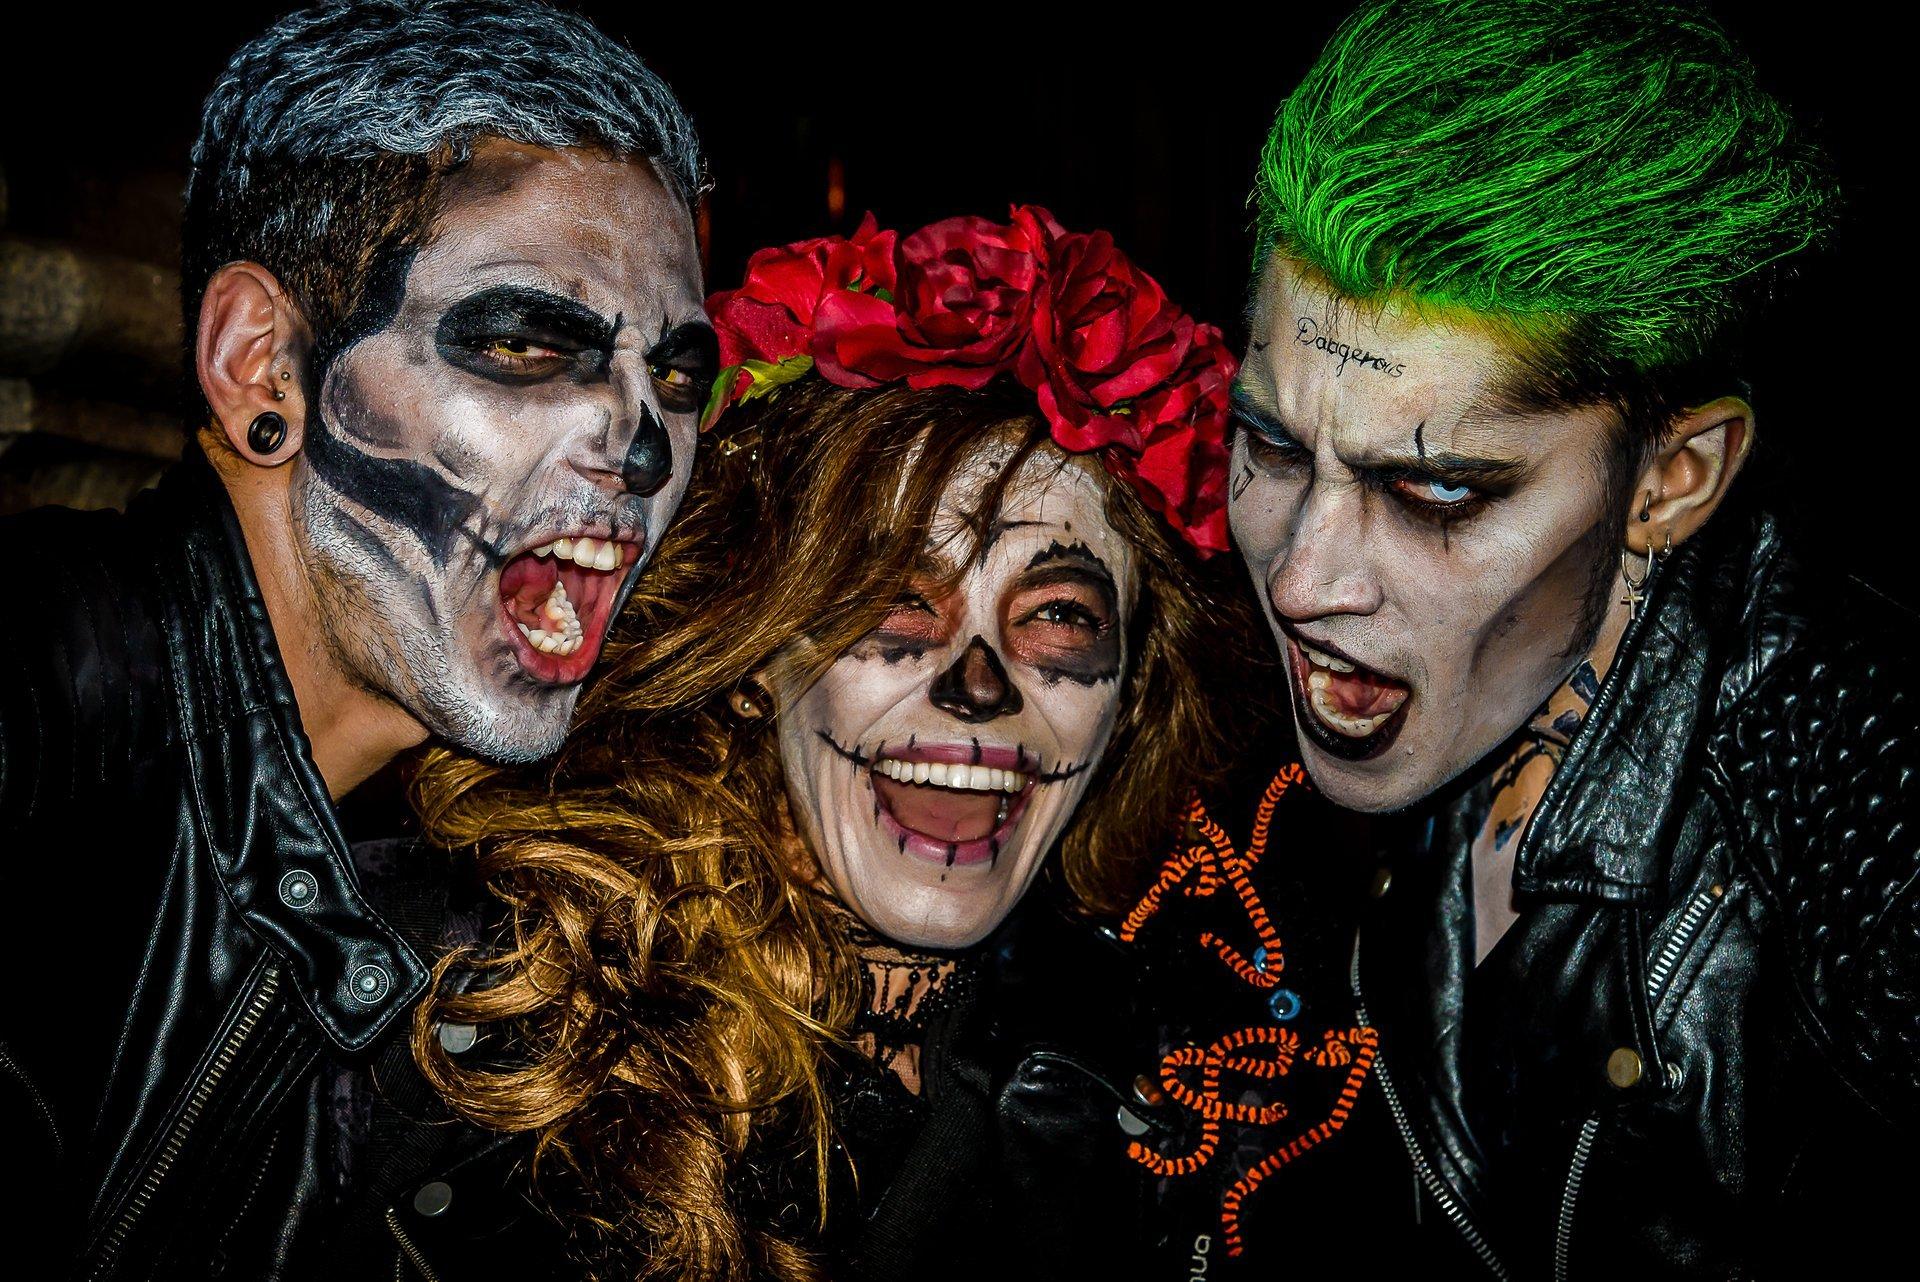 Halloween celebration in Gran Vía de Madrid 2020